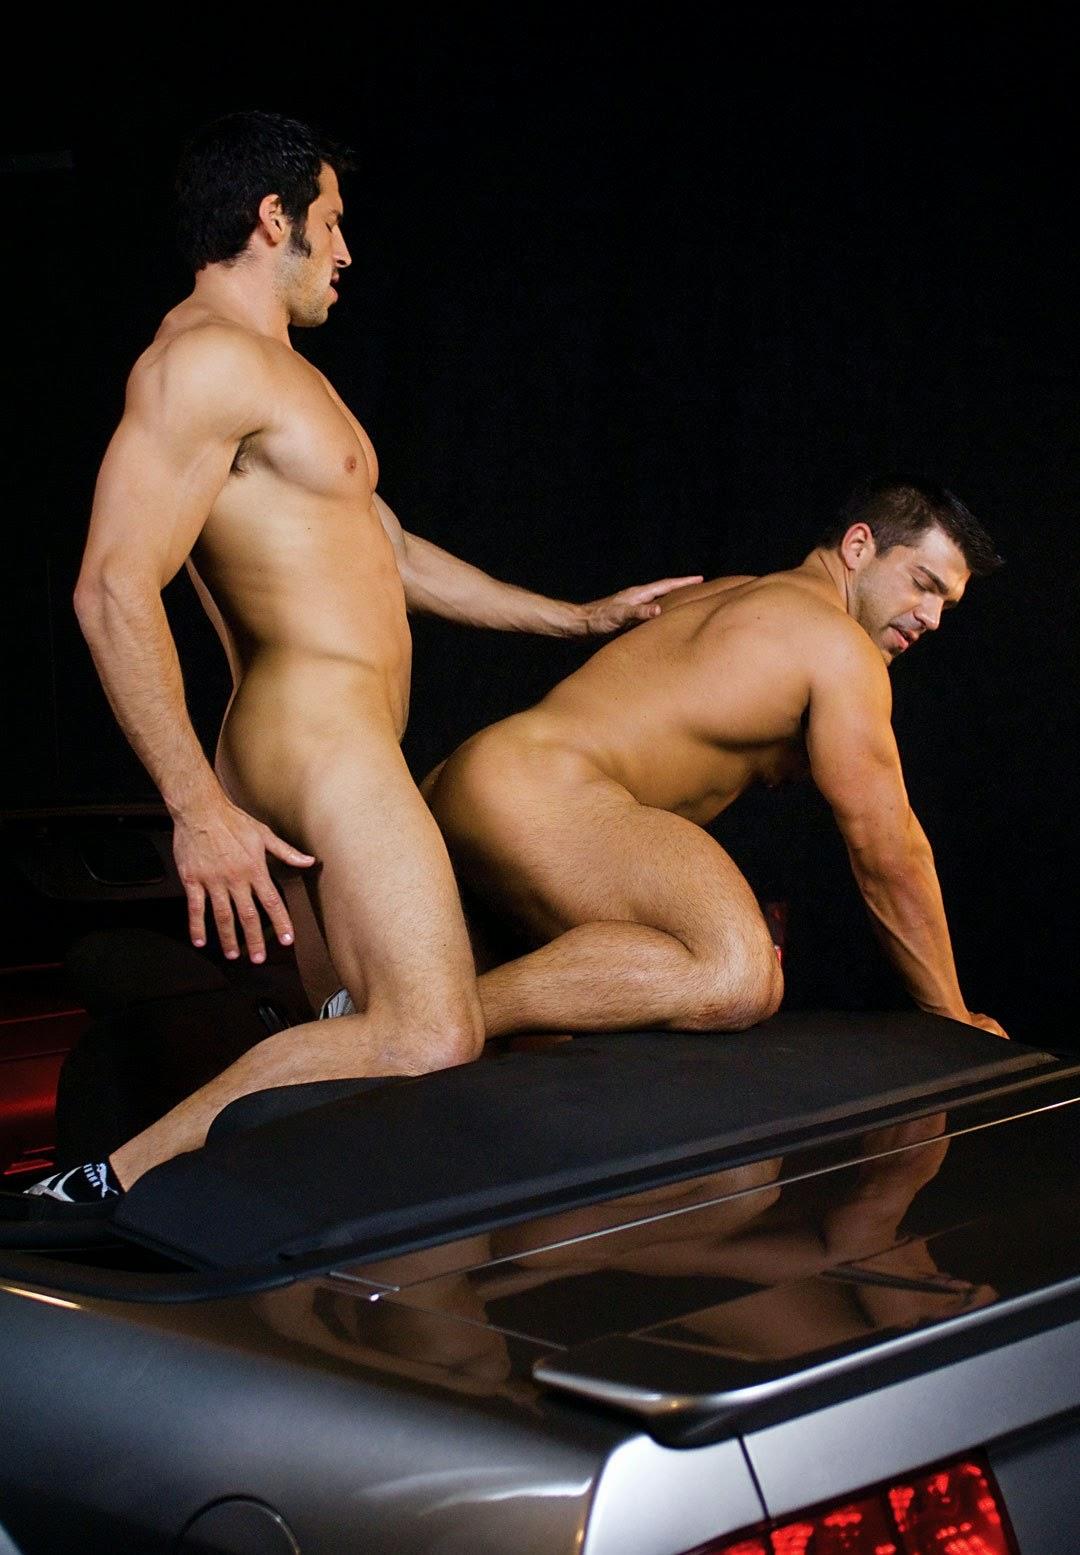 http://www.imagebam.com/gallery/hyyic8tv1jegu7z9ulz228jls2f9kmy2